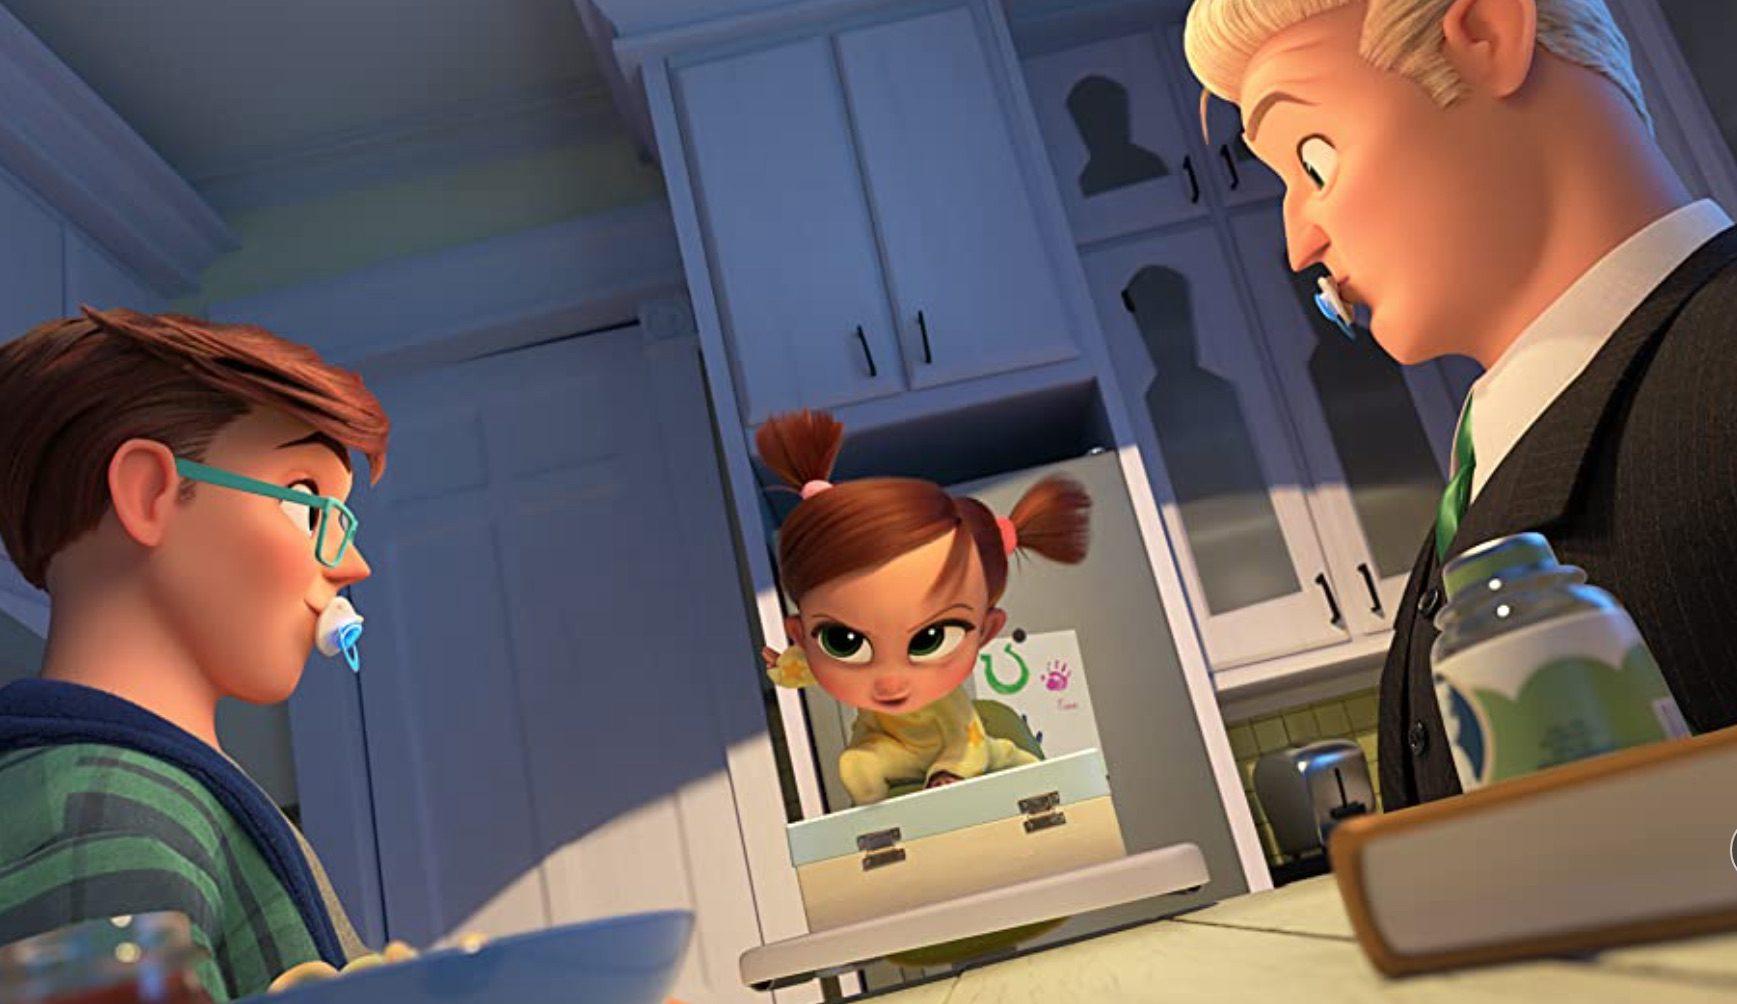 Animated Still from Boss Baby 2